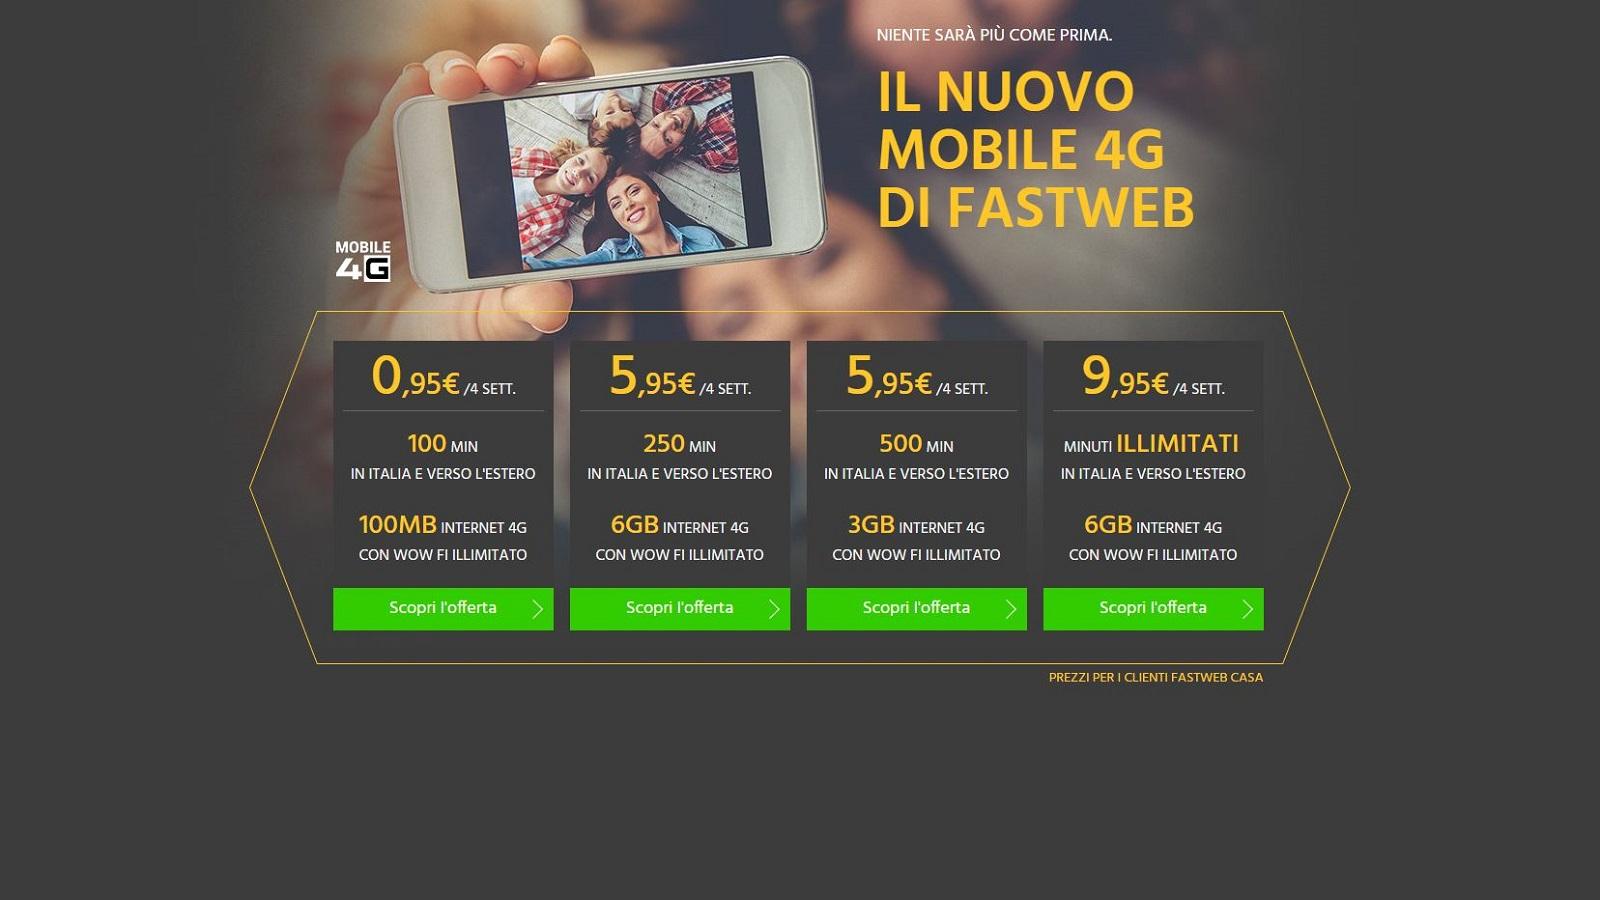 Fastweb e le nuove offerte mobile g sono convenienti